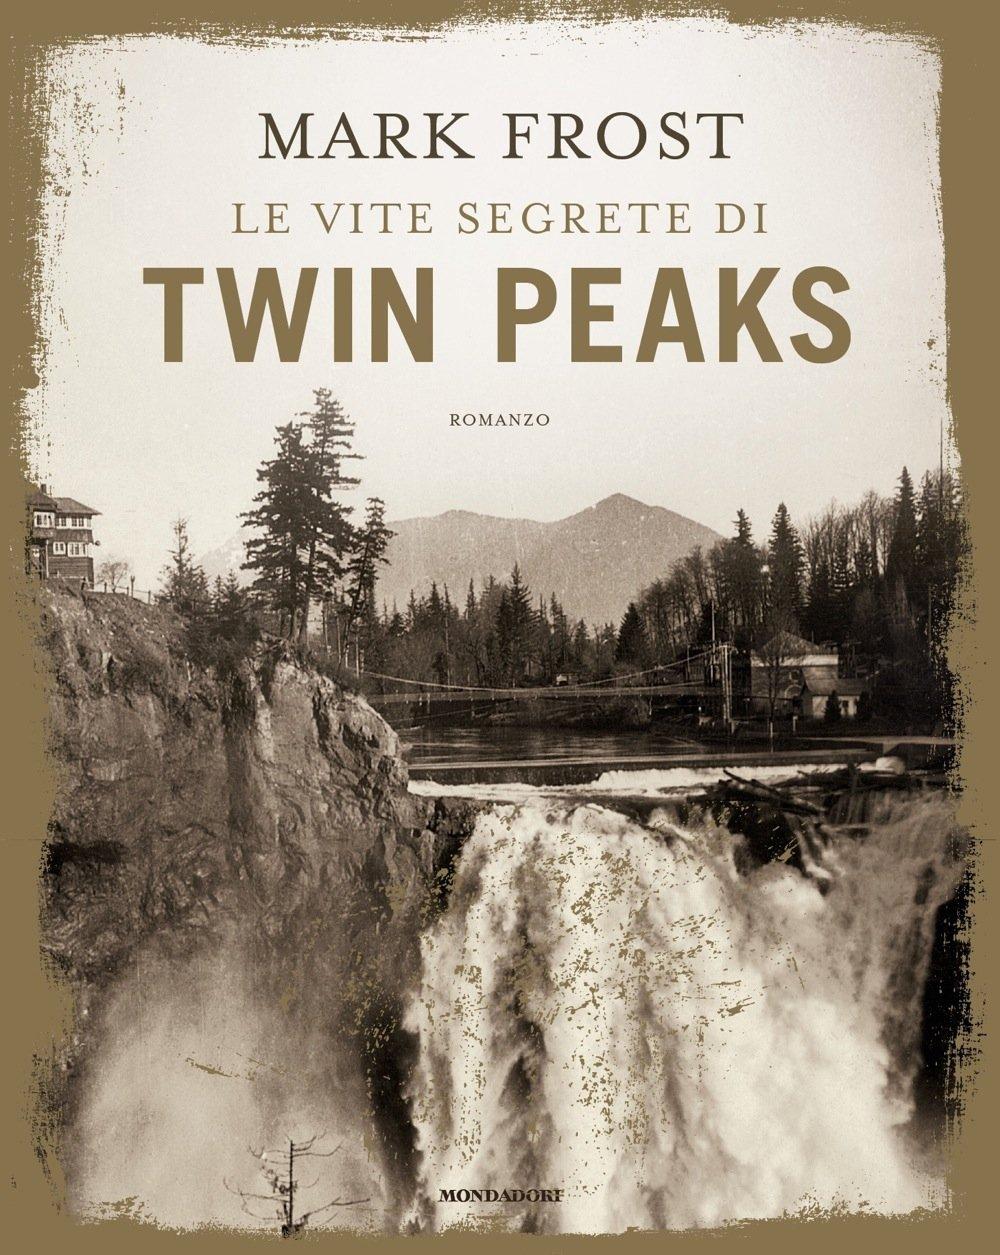 Risultati immagini per twin peaks 3 vite segrete